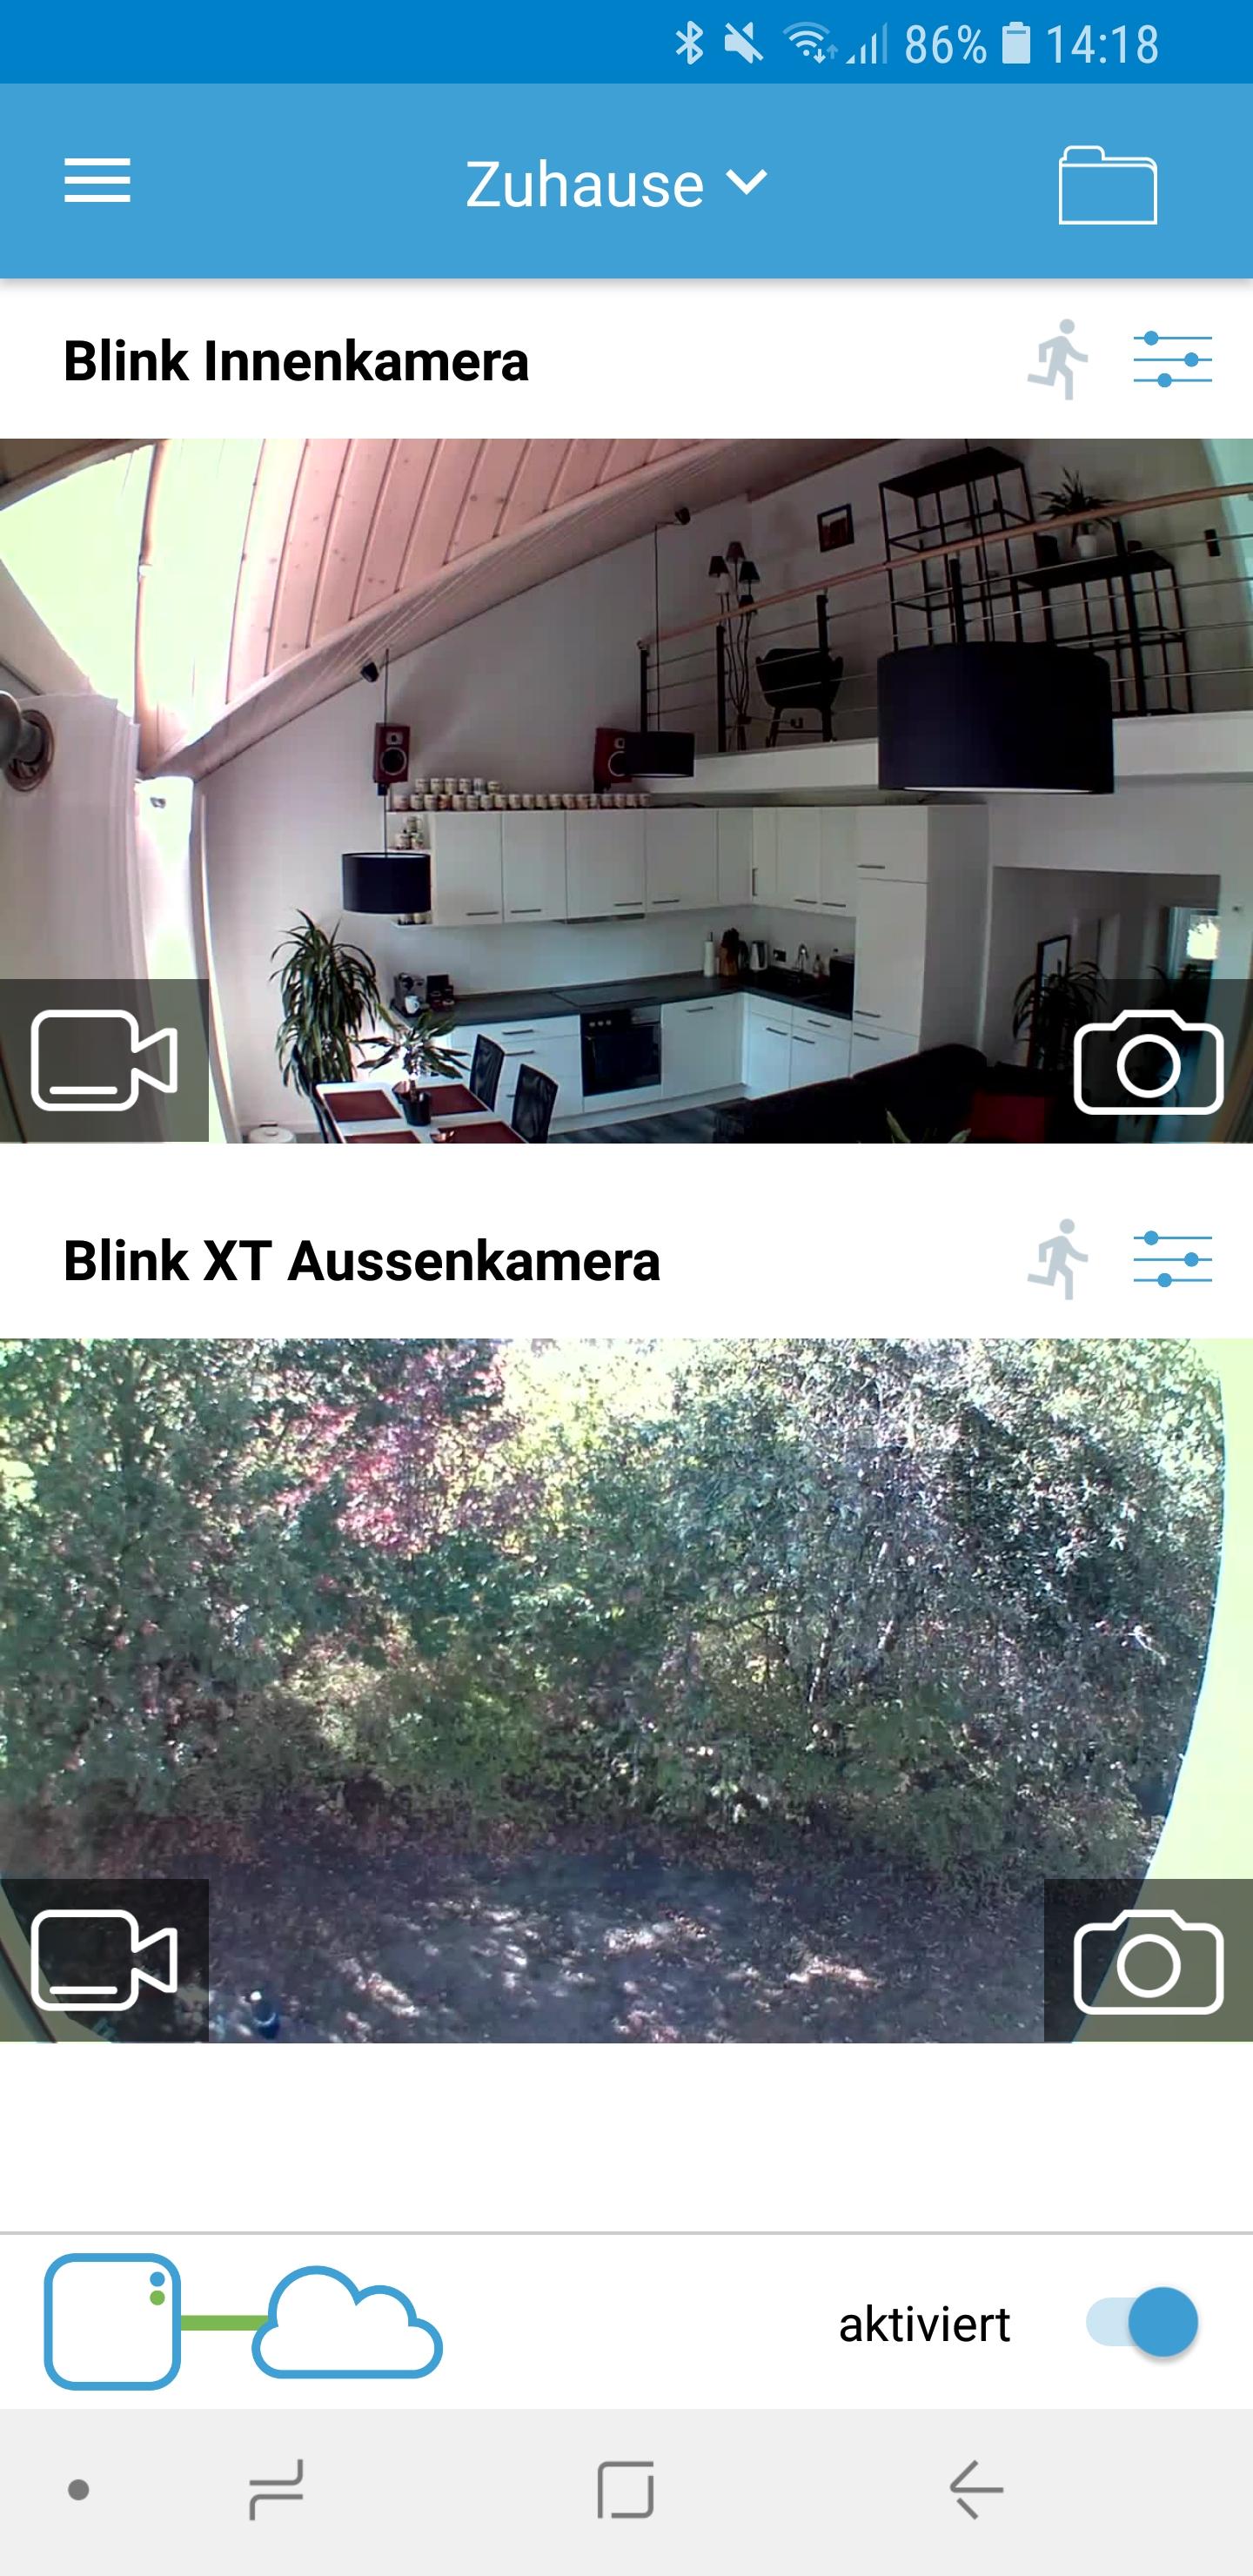 Blink XT App 01